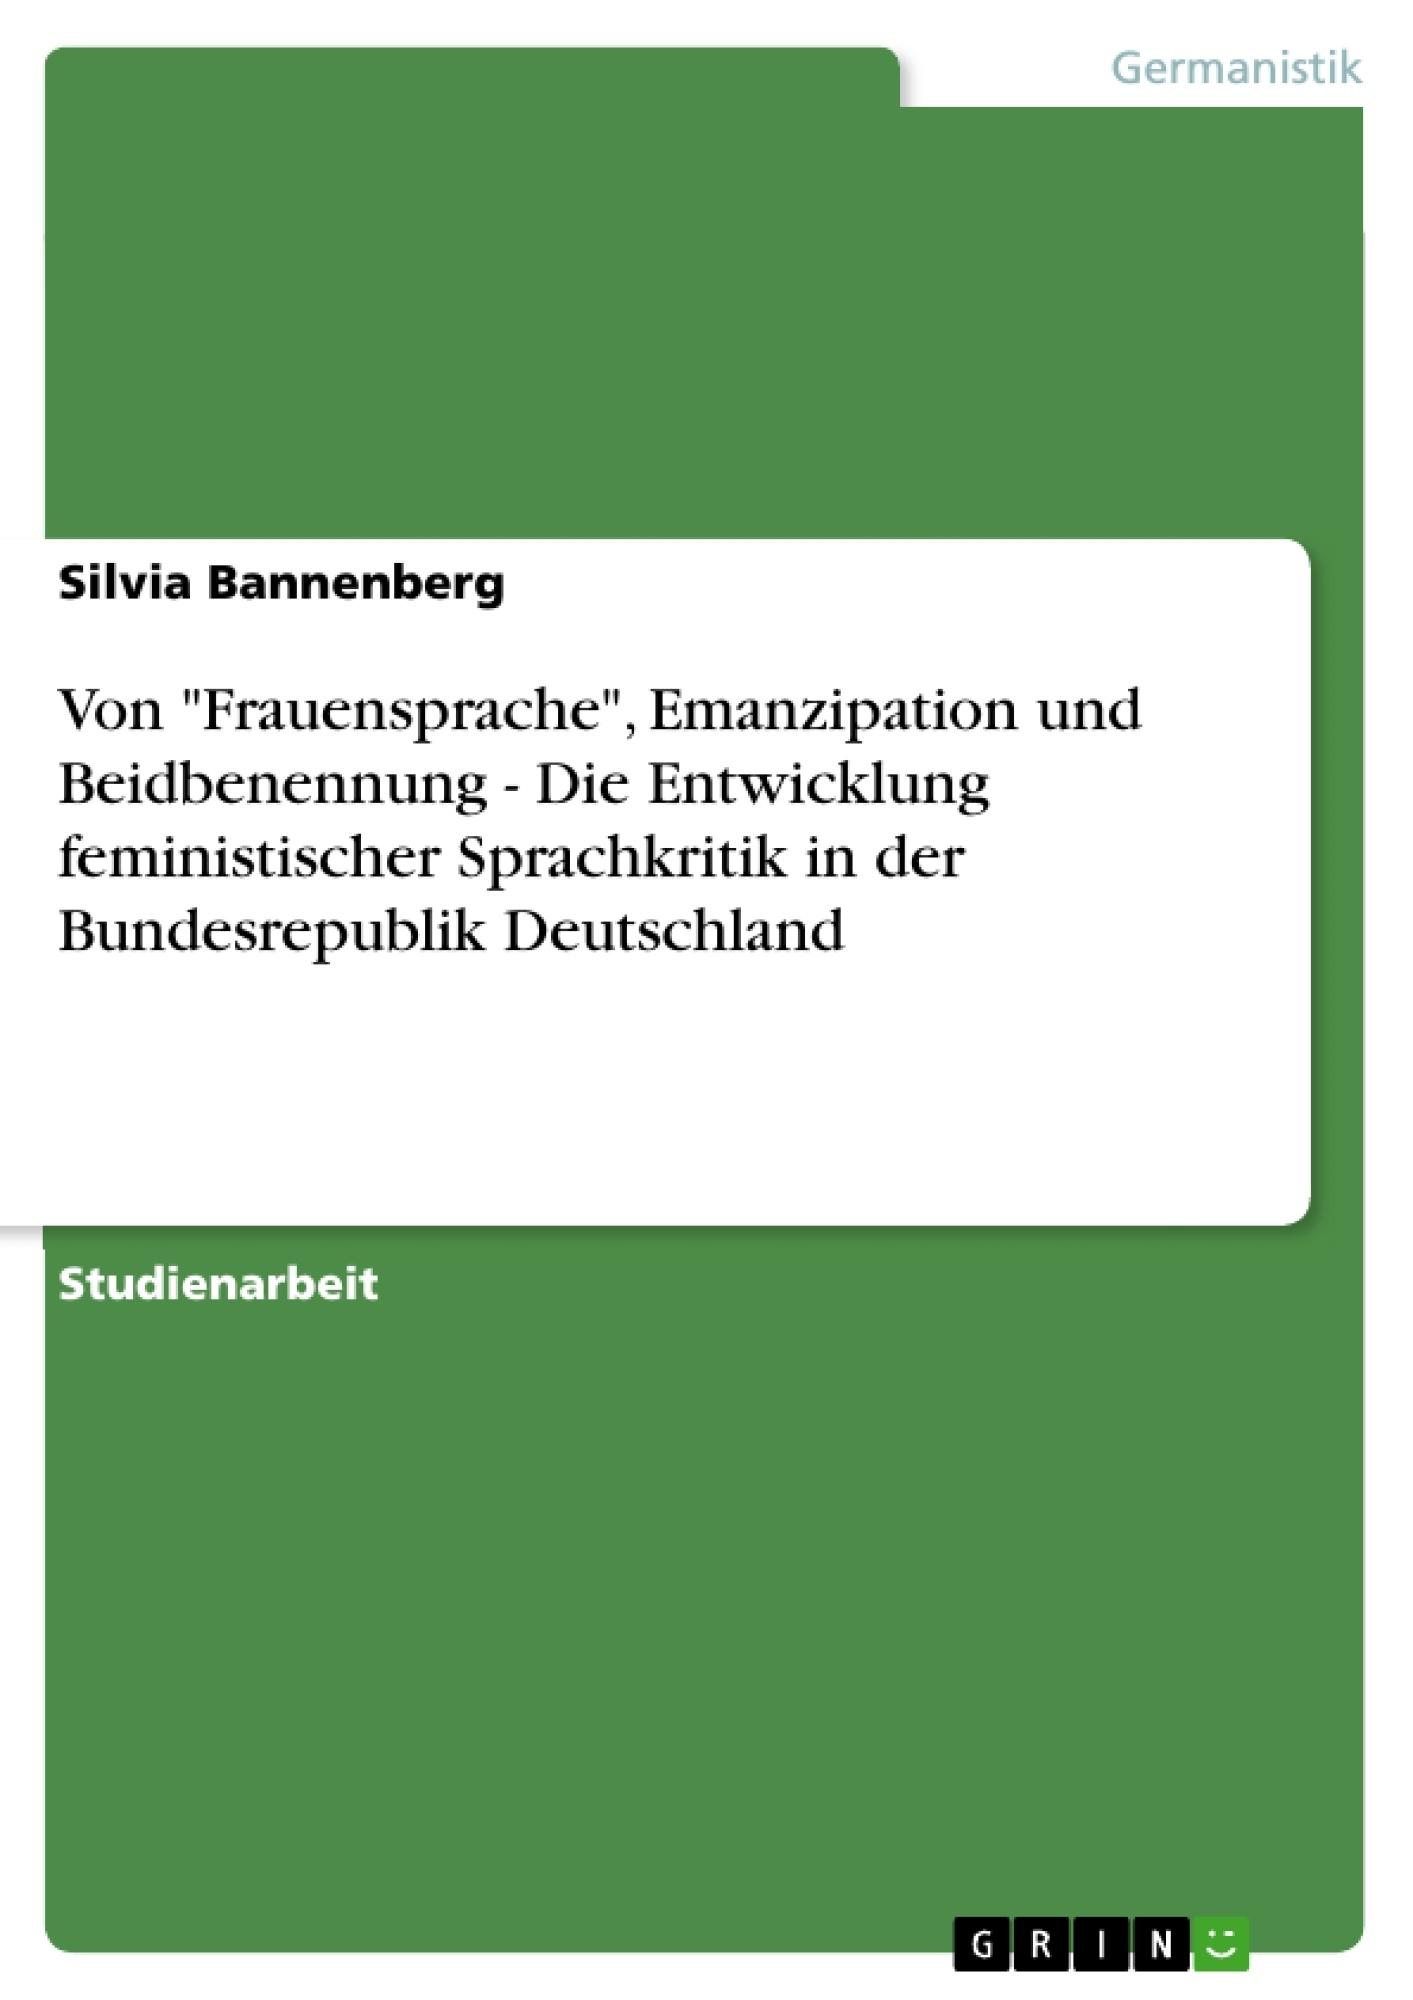 """Titel: Von """"Frauensprache"""", Emanzipation und Beidbenennung - Die Entwicklung feministischer Sprachkritik in der Bundesrepublik Deutschland"""